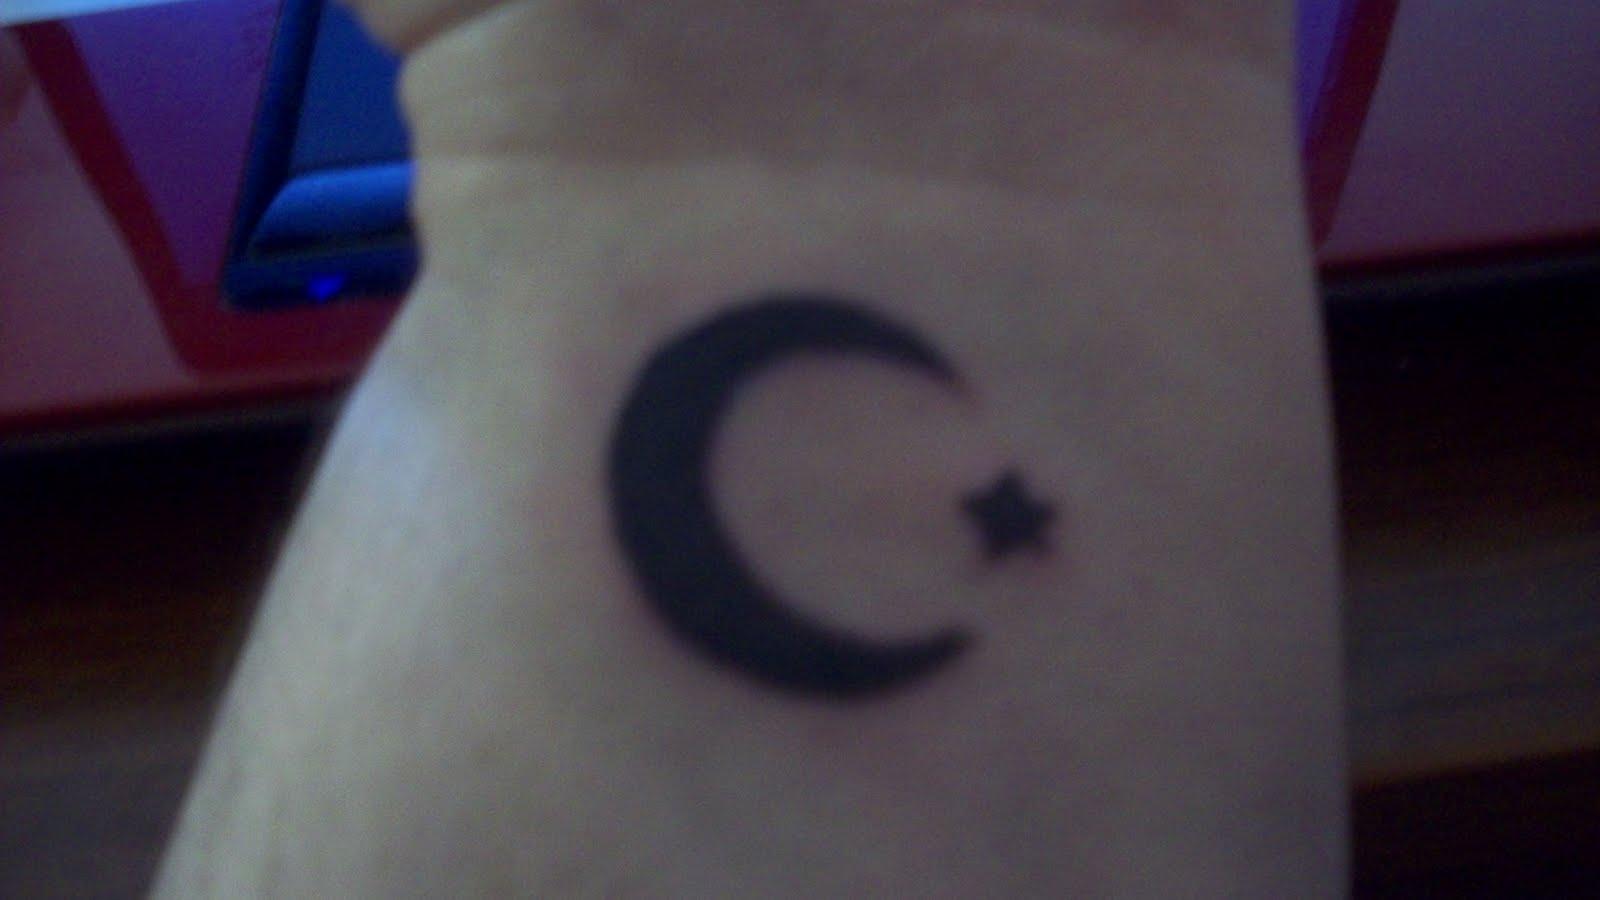 http://4.bp.blogspot.com/_9z05EuNgglE/S8Fjyz29__I/AAAAAAAAAPs/CxIPxoCHlO8/s1600/100_2806.jpg